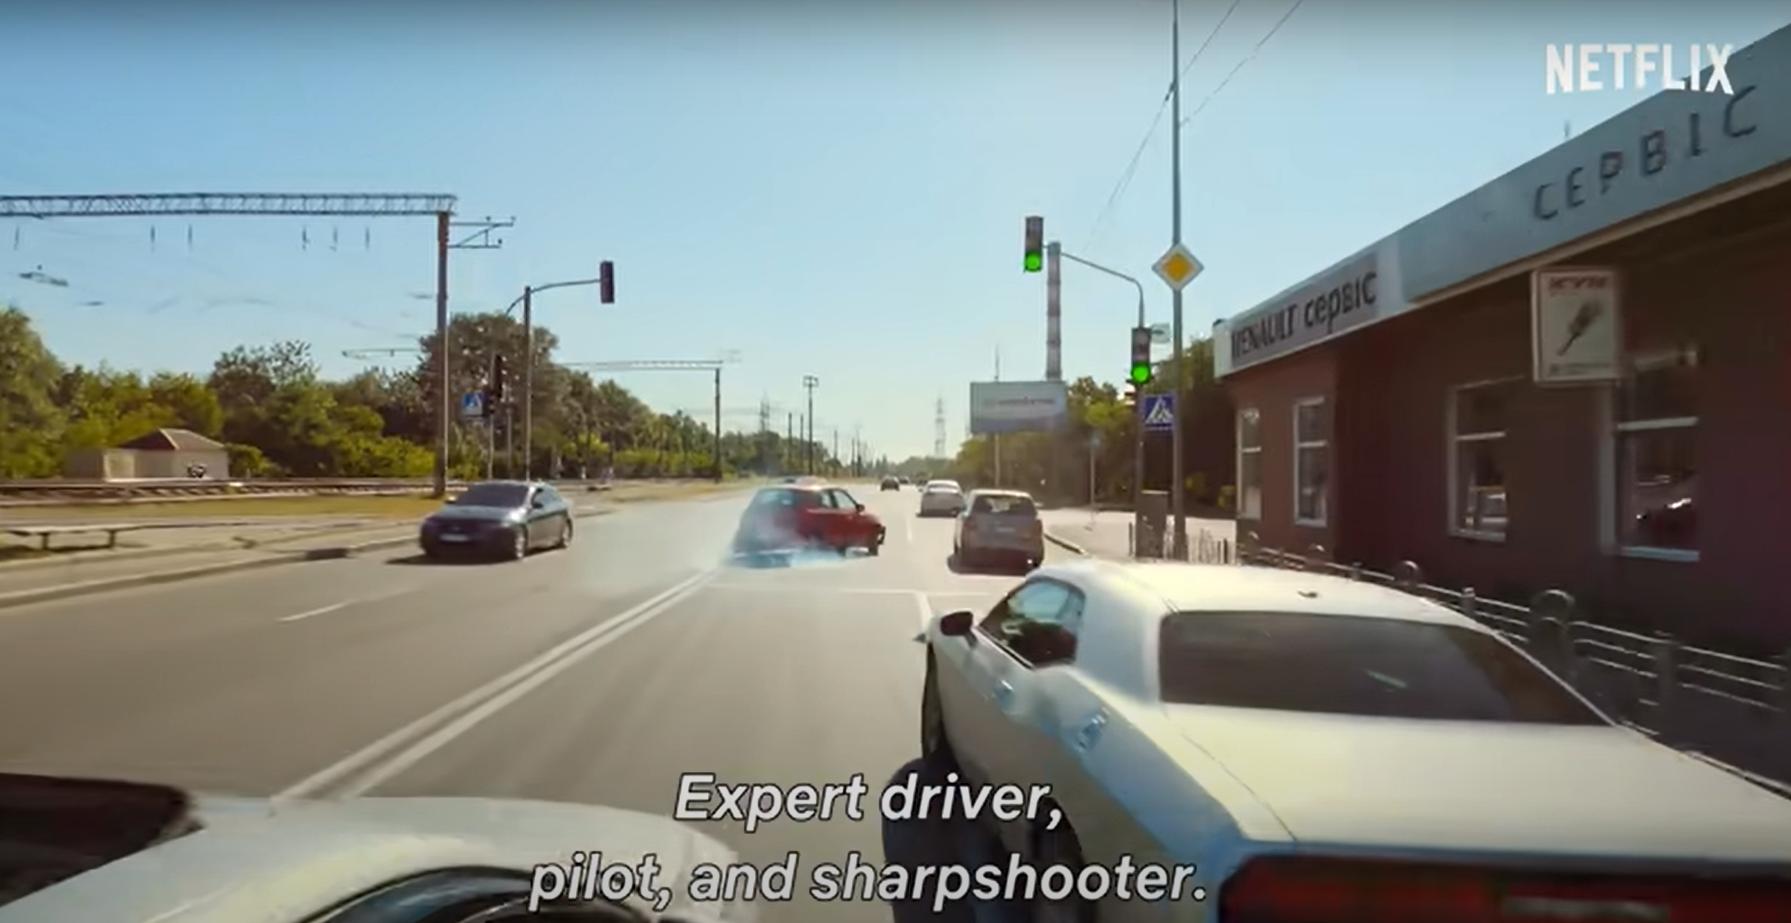 Вийшов трейлер фільму від Netflix з Ван Даммом, який знімали в Києві: які локації впізнаєте?